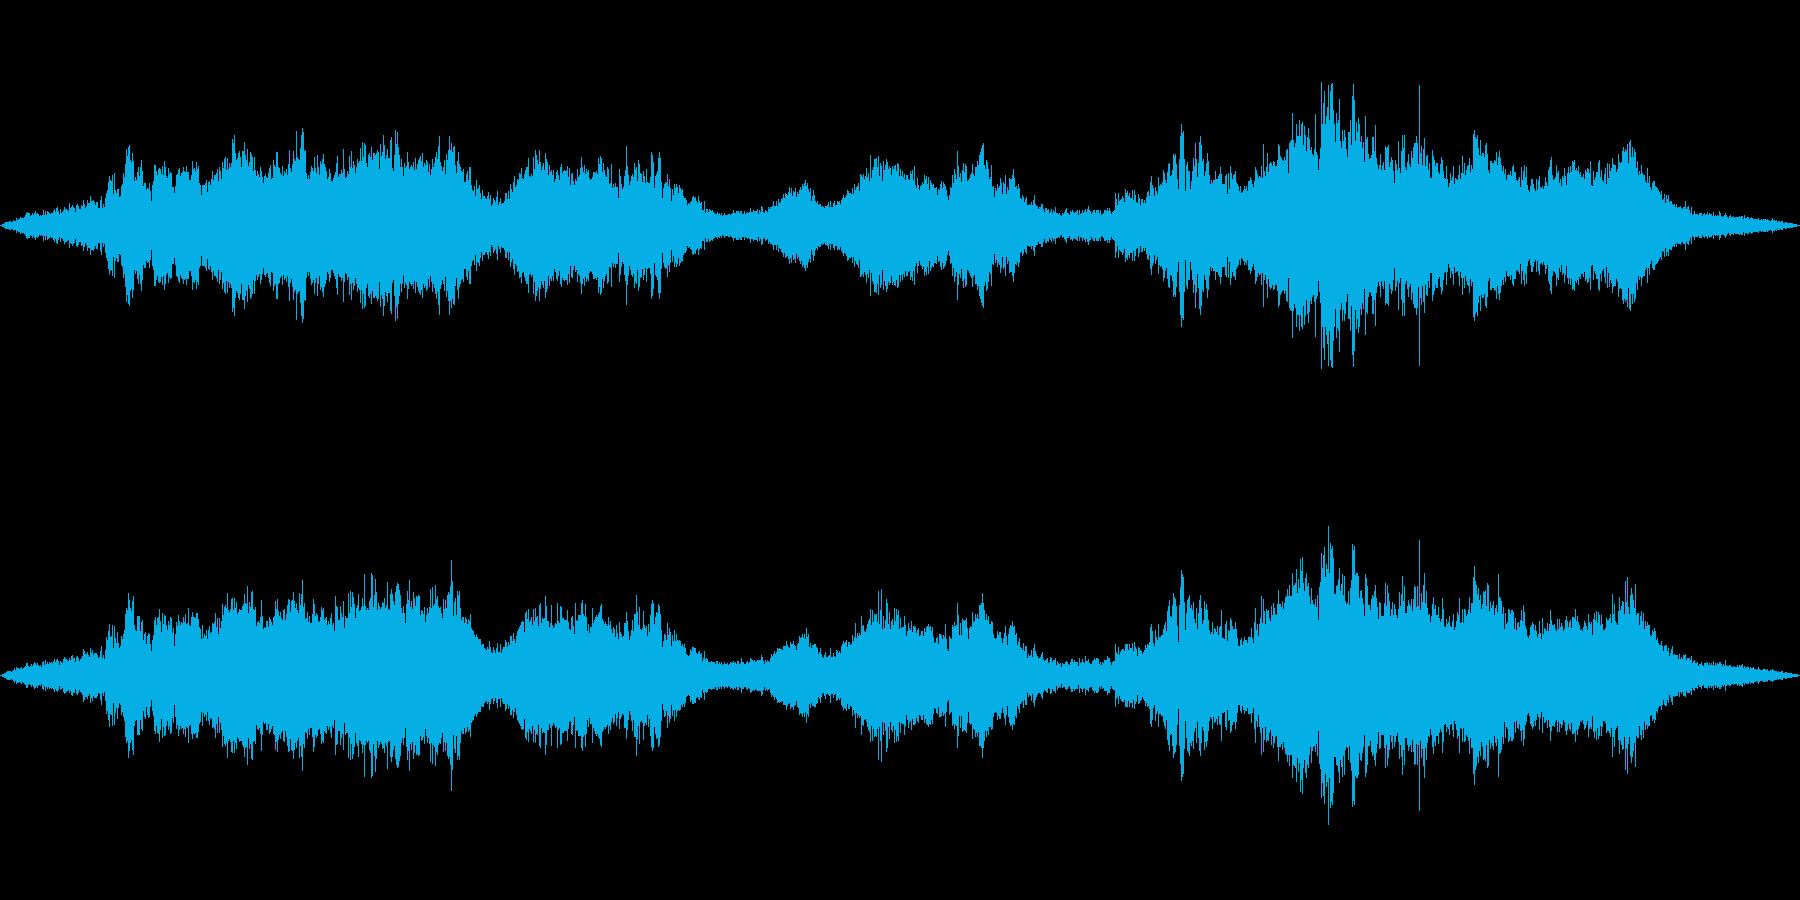 【環境音】道路の音(環状八号線)の再生済みの波形